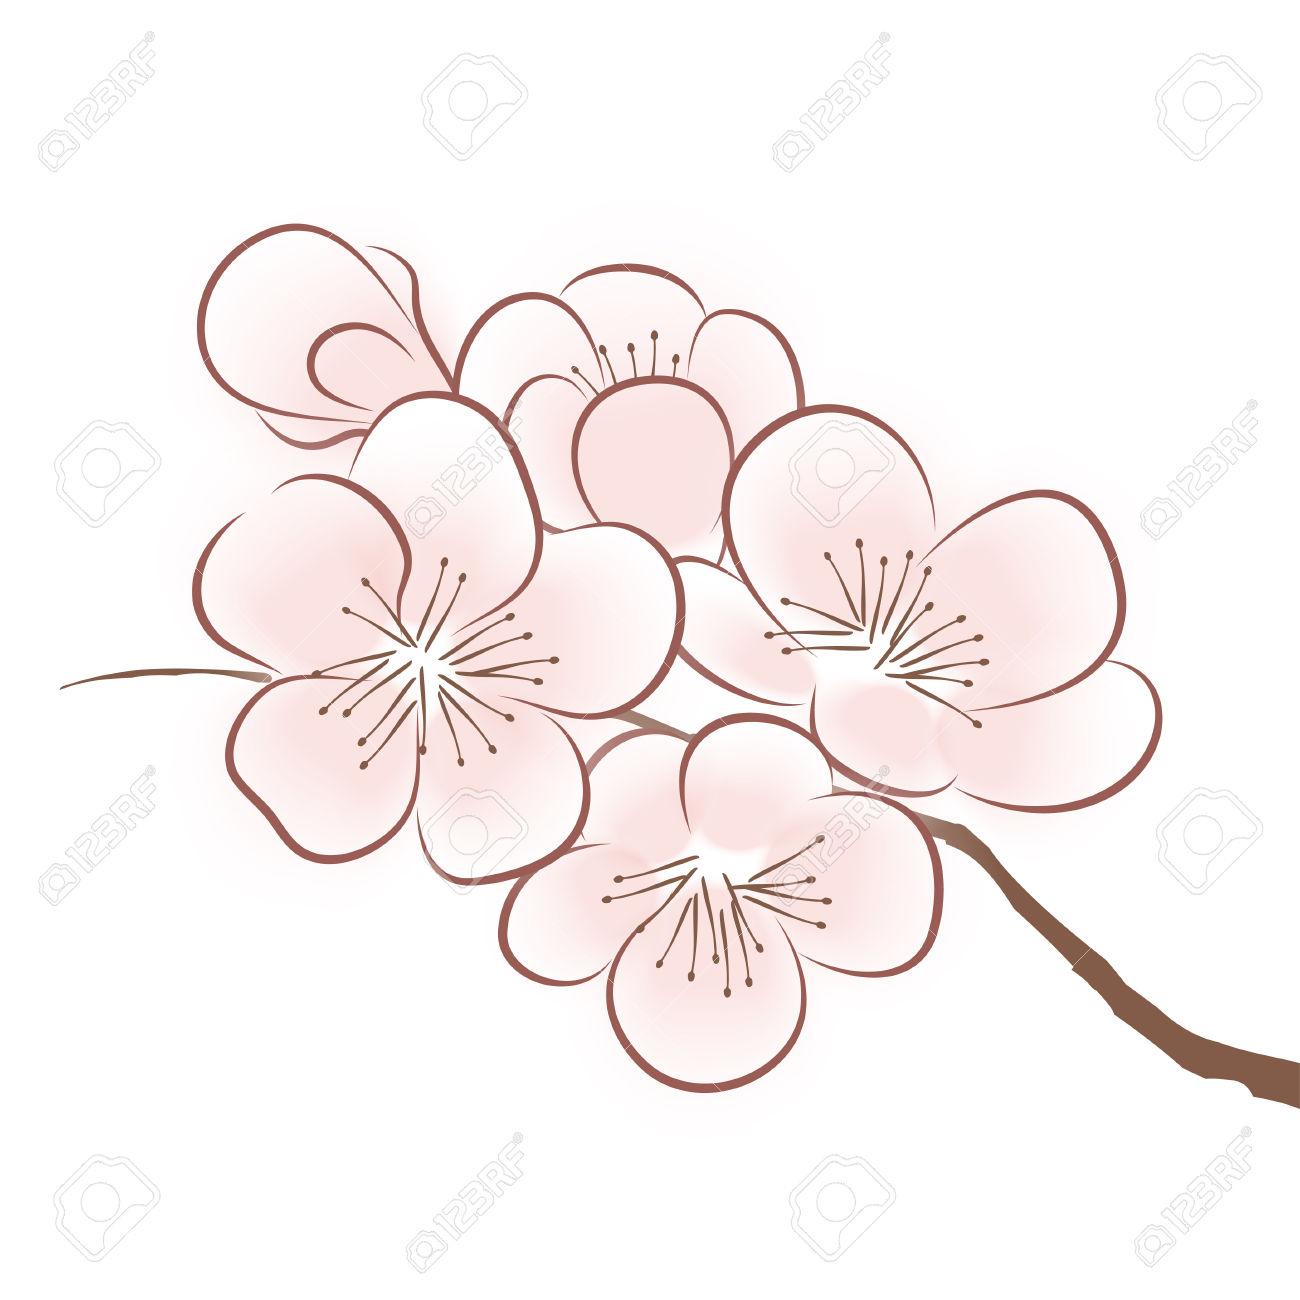 1300x1300 Sakura Flowers Drawing Drawn Sakura Blossom Sakura Flower